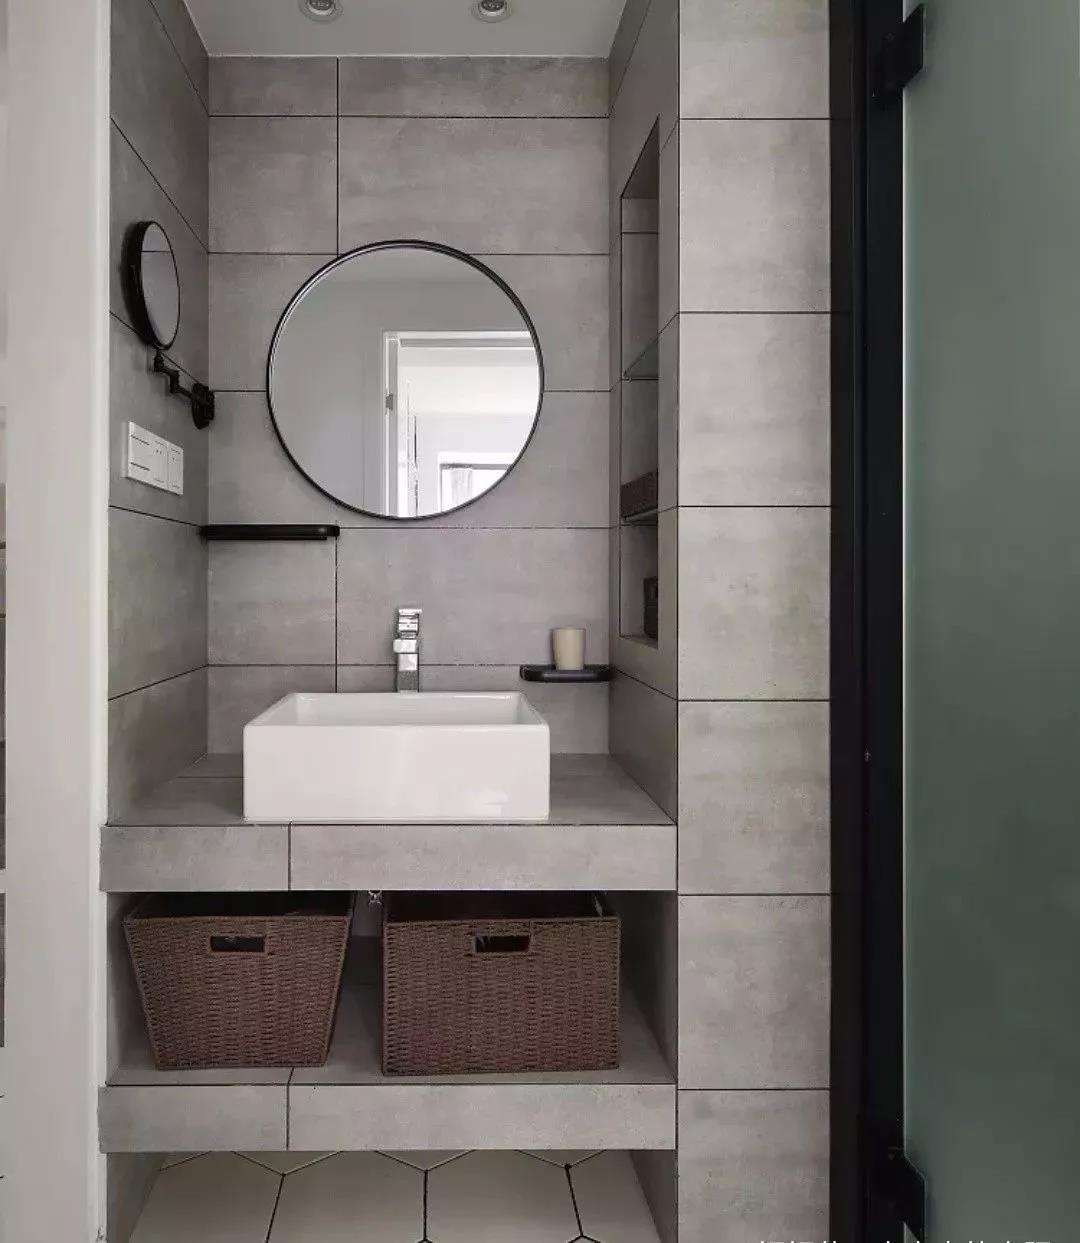 面积不大的卫生间,收纳可以这样做,壁龛是个好东西